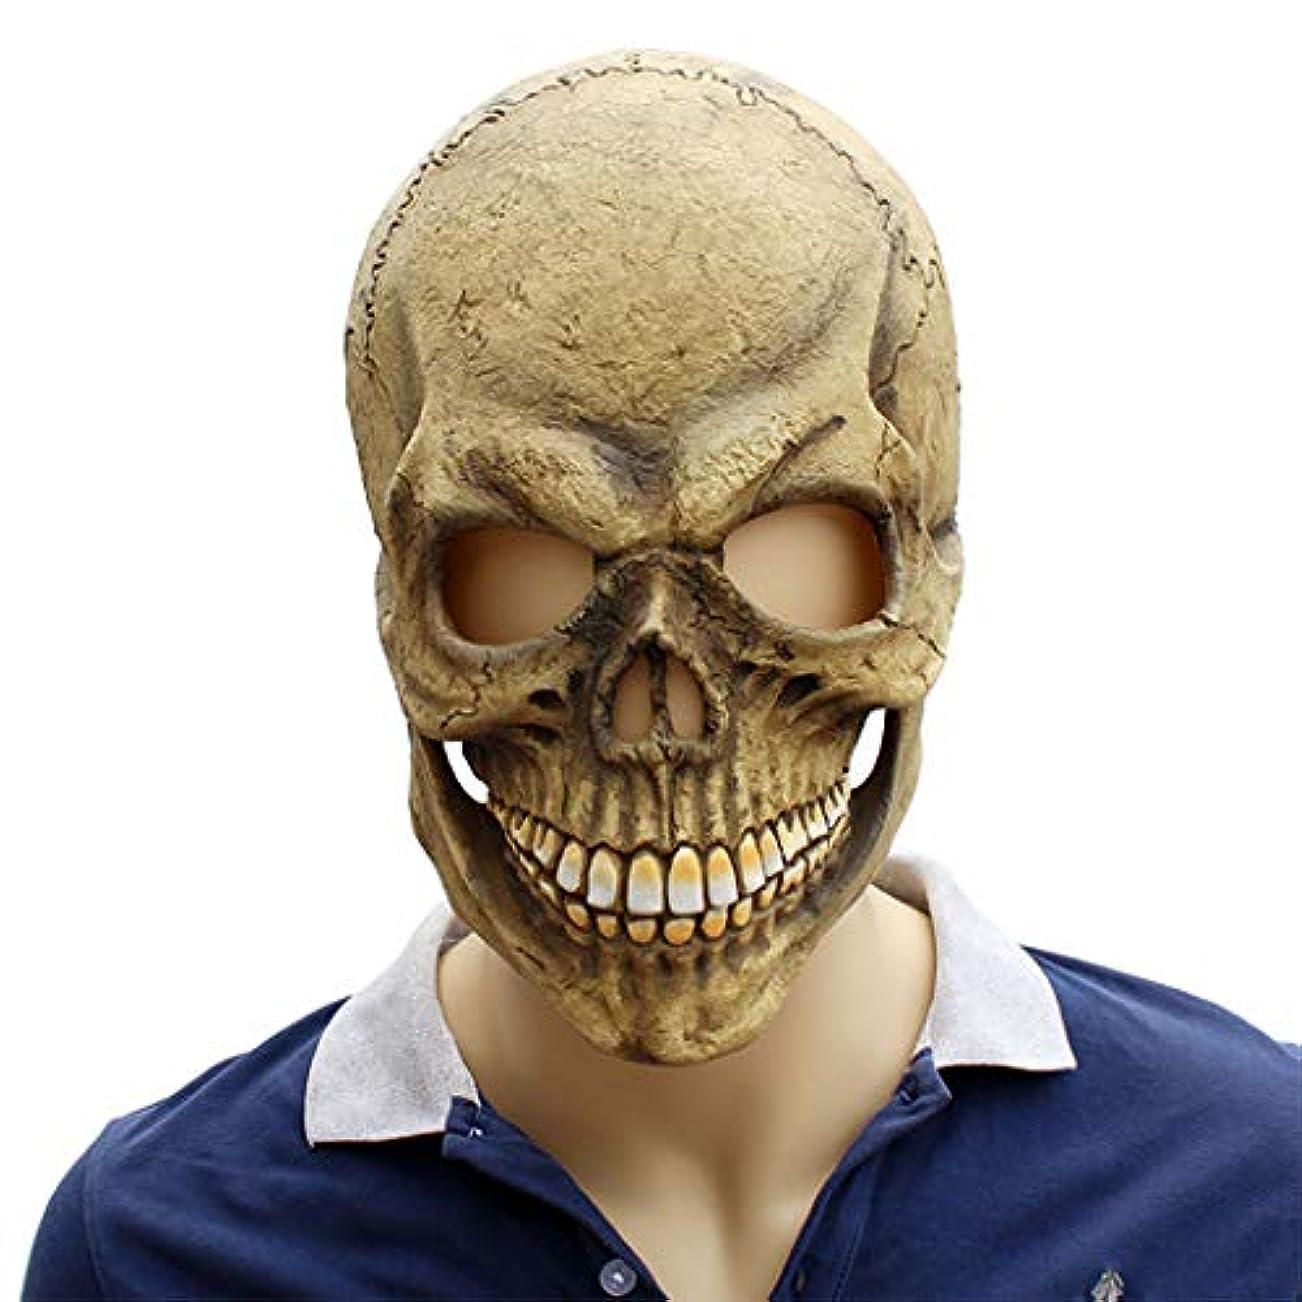 ネックレス社交的分析的ハロウィンラテックスヘッドギア太郎マスクお化け屋敷秘密の部屋テロ小道具シャドースリラーアイテム